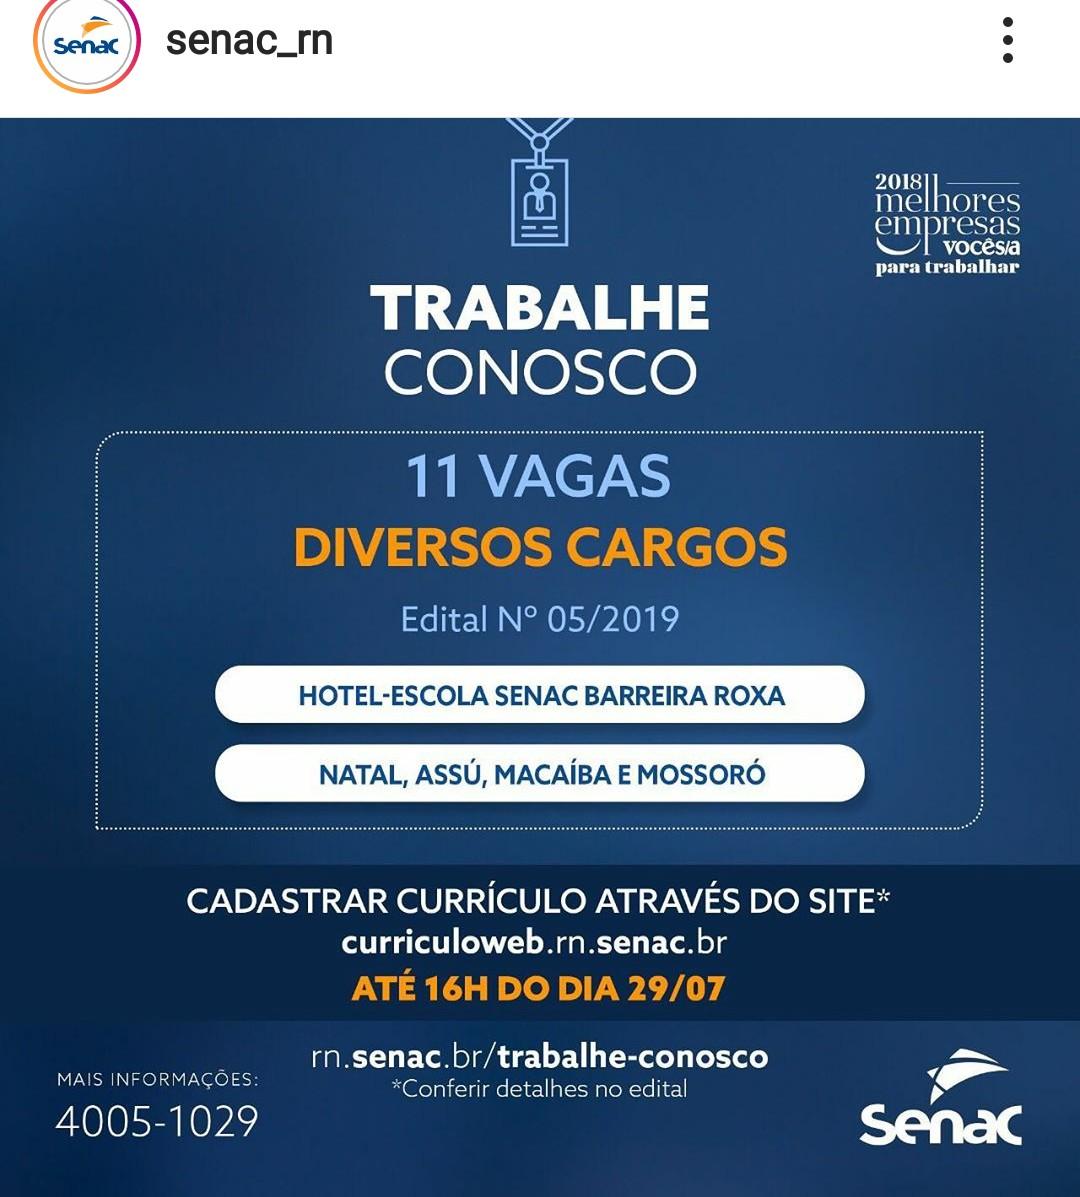 OFERTA DE TRABALHO: Senac-RN abre processo seletivo para 11 vagas em Natal, Macaíba, Assú e Mossoró